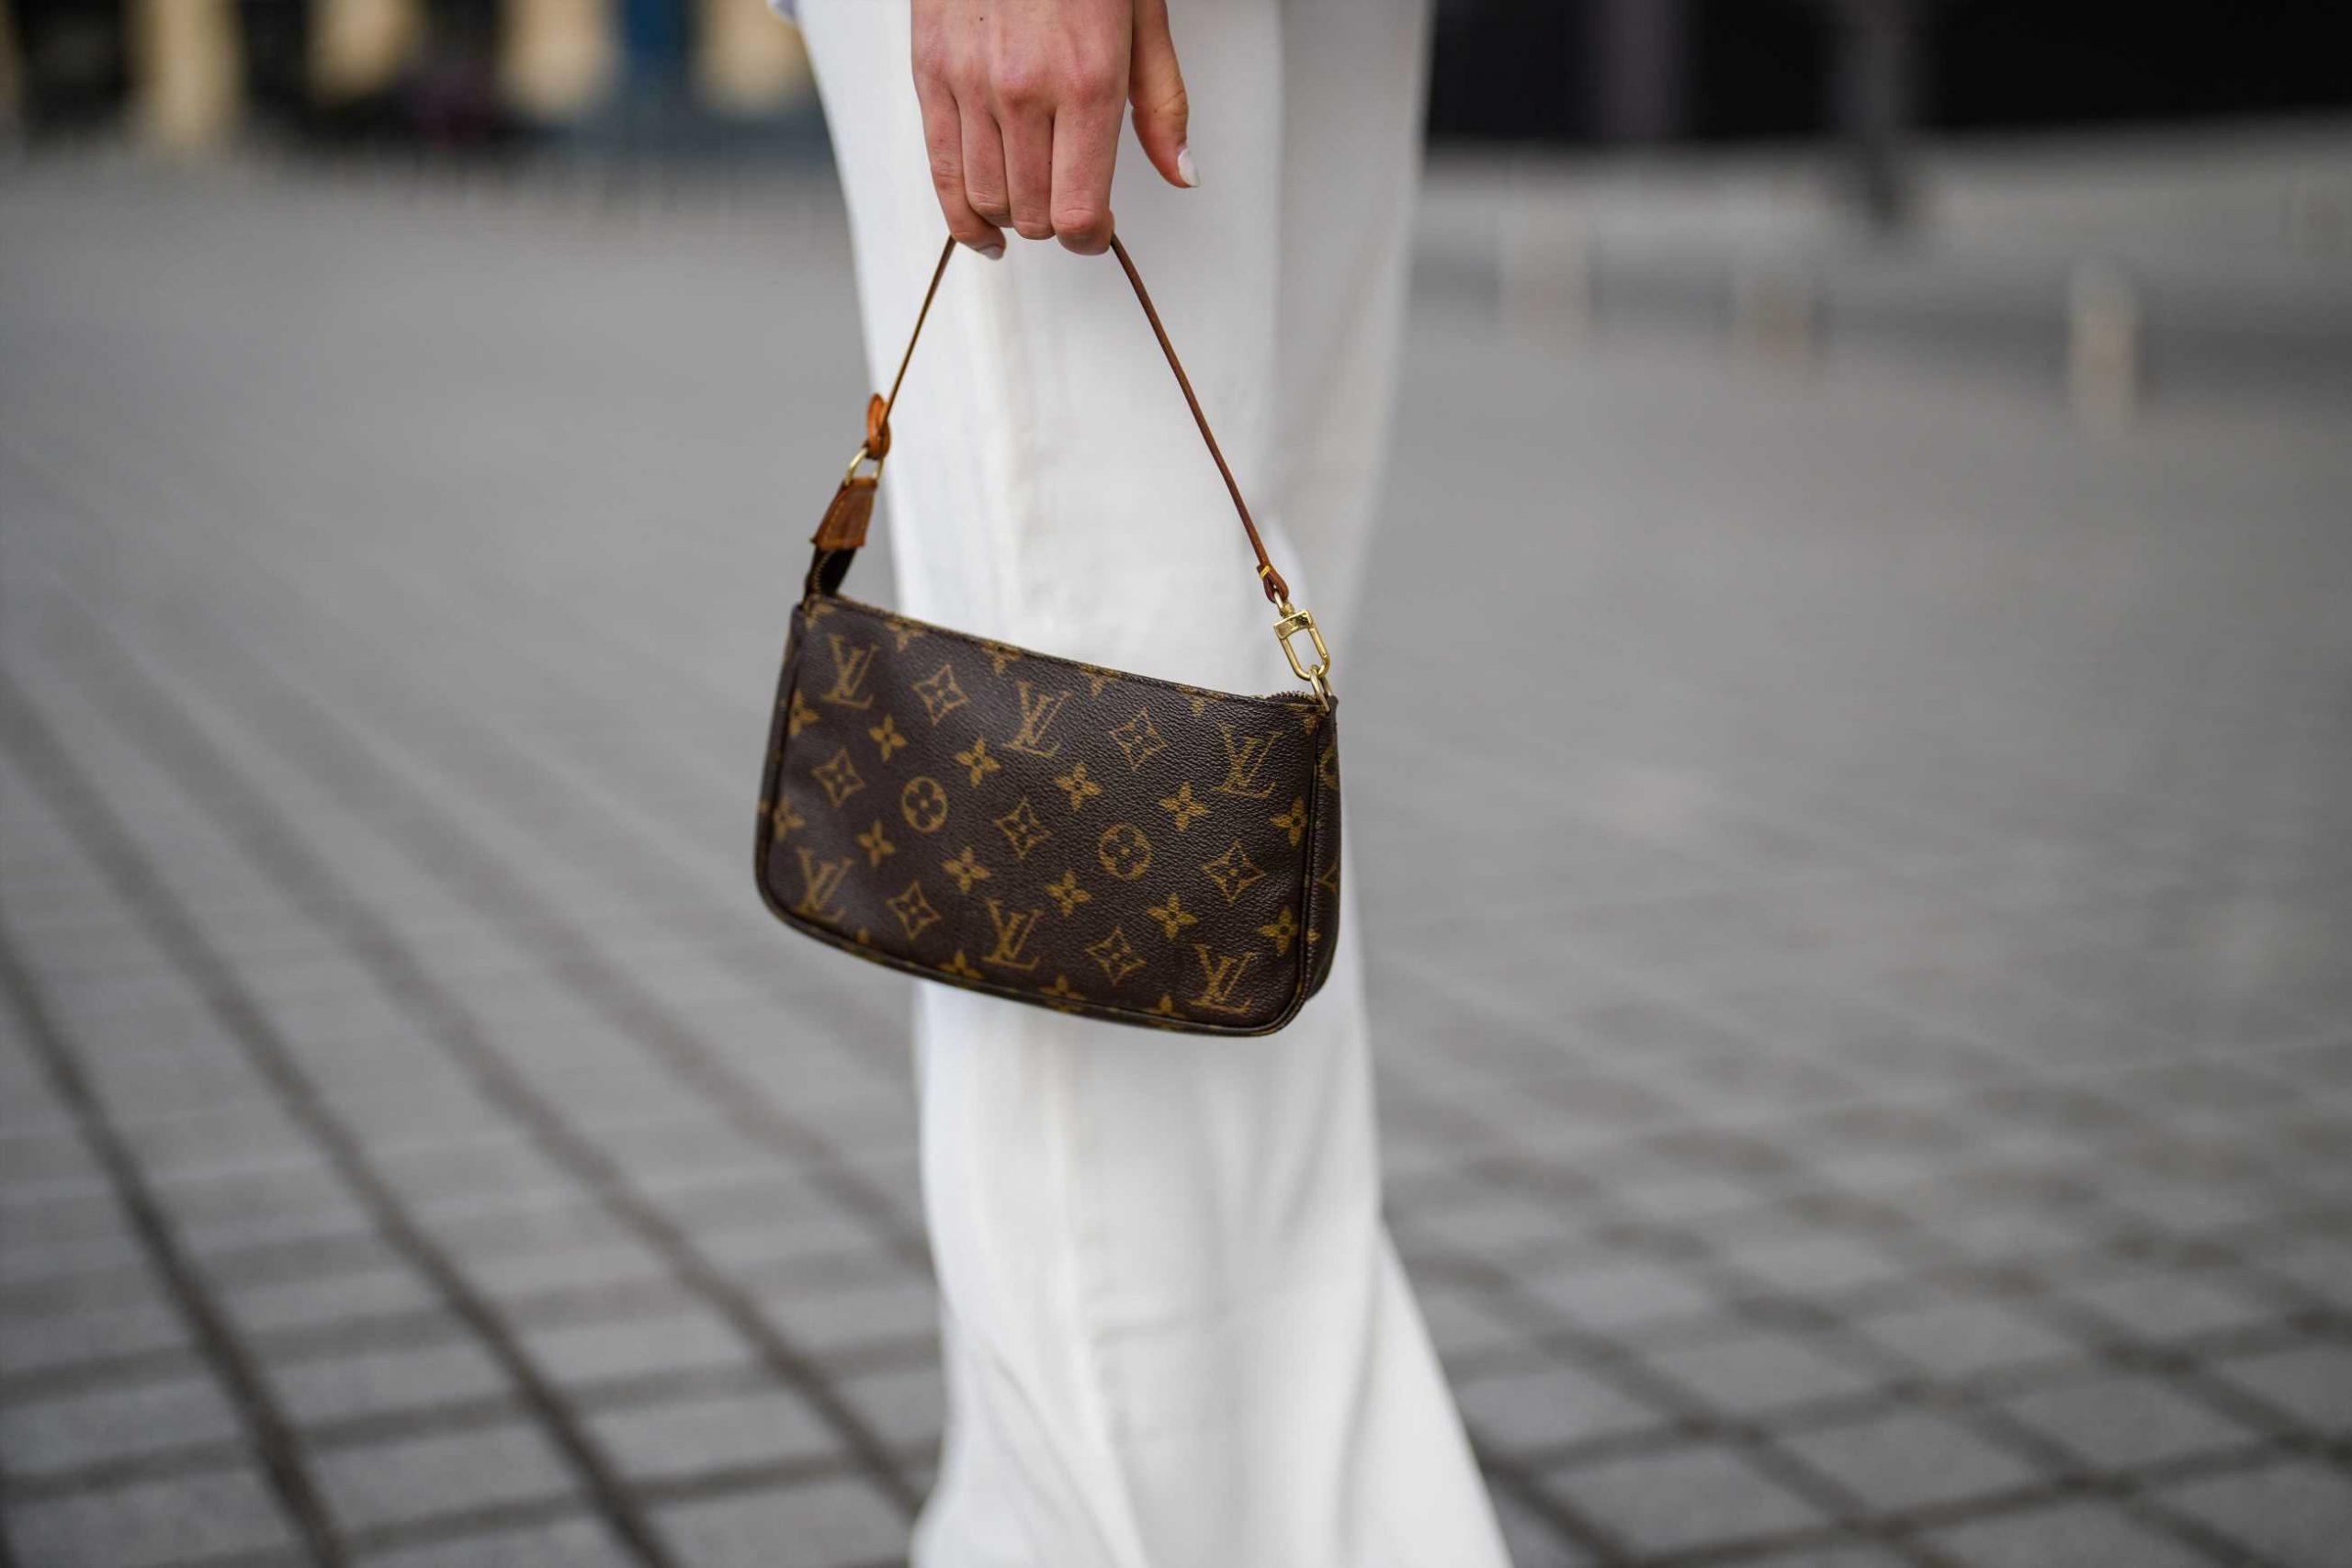 Las 10 firmas de lujo más vendidas de segunda mano